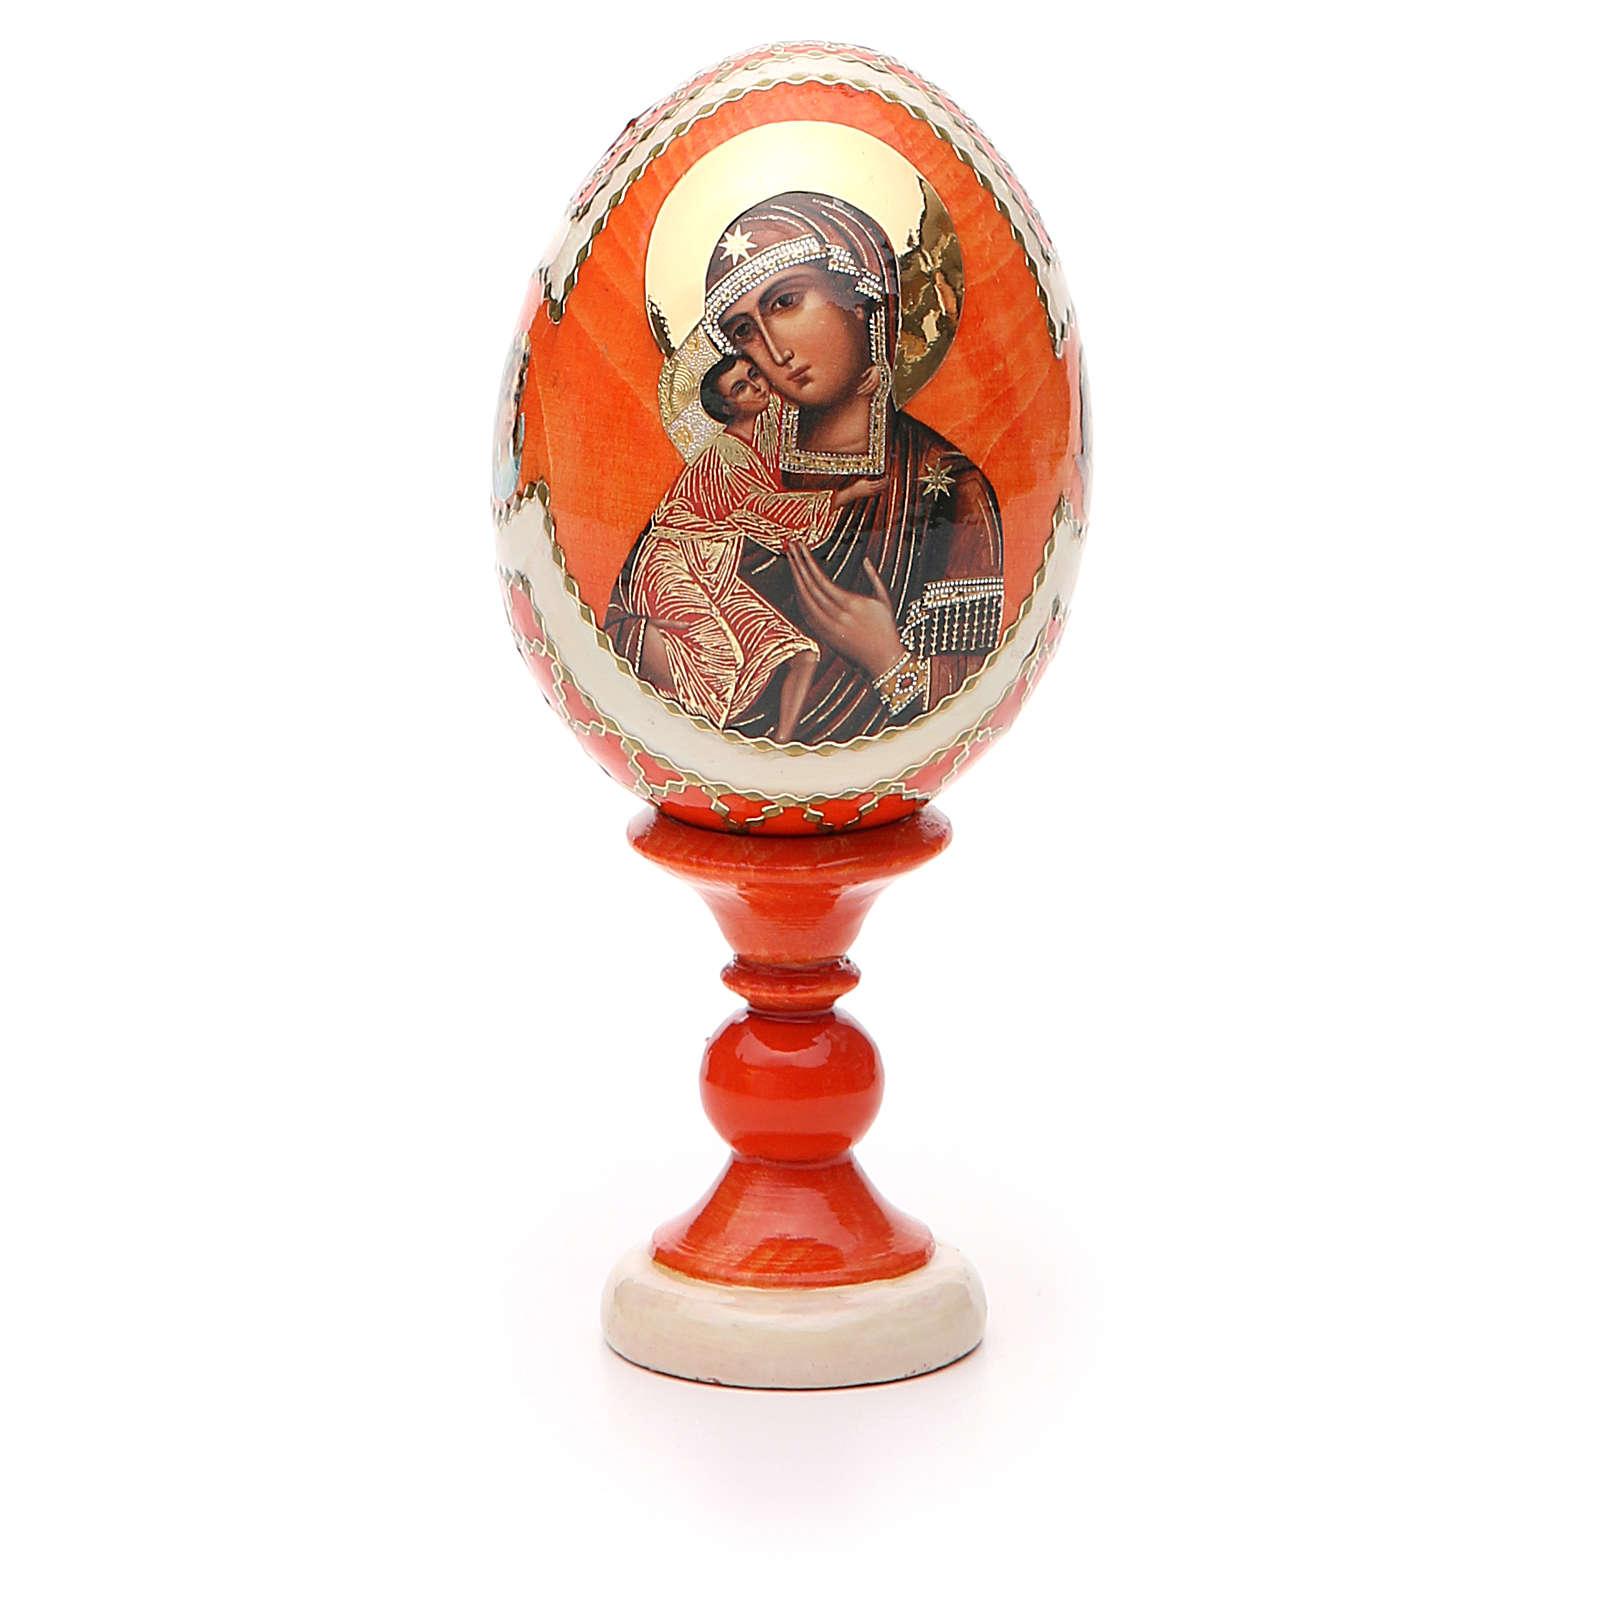 Oeuf Russie Feodorovskaya h 13 cm 4